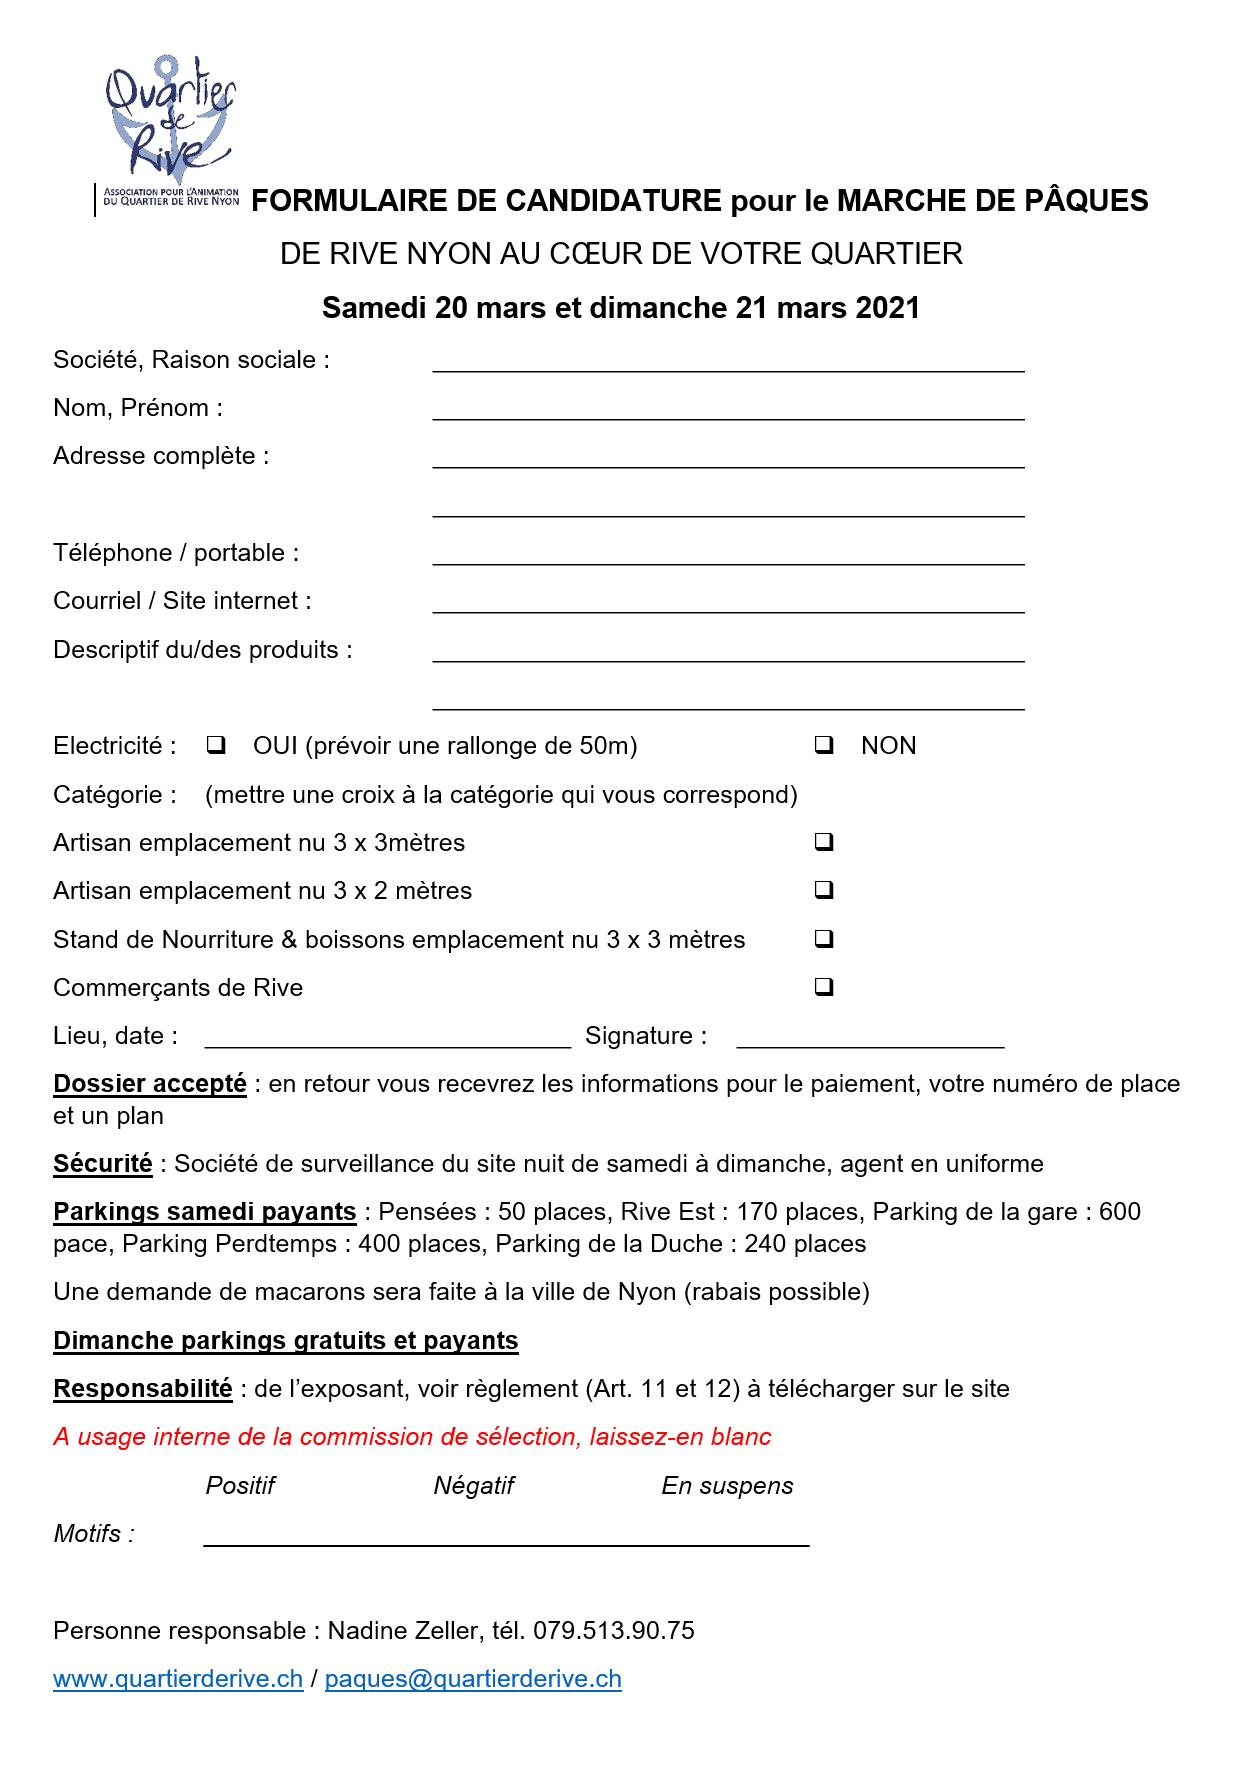 FORMULAIRE-DE-CANDIDATURE-pour-le-MARCHE-DE-PAQUES